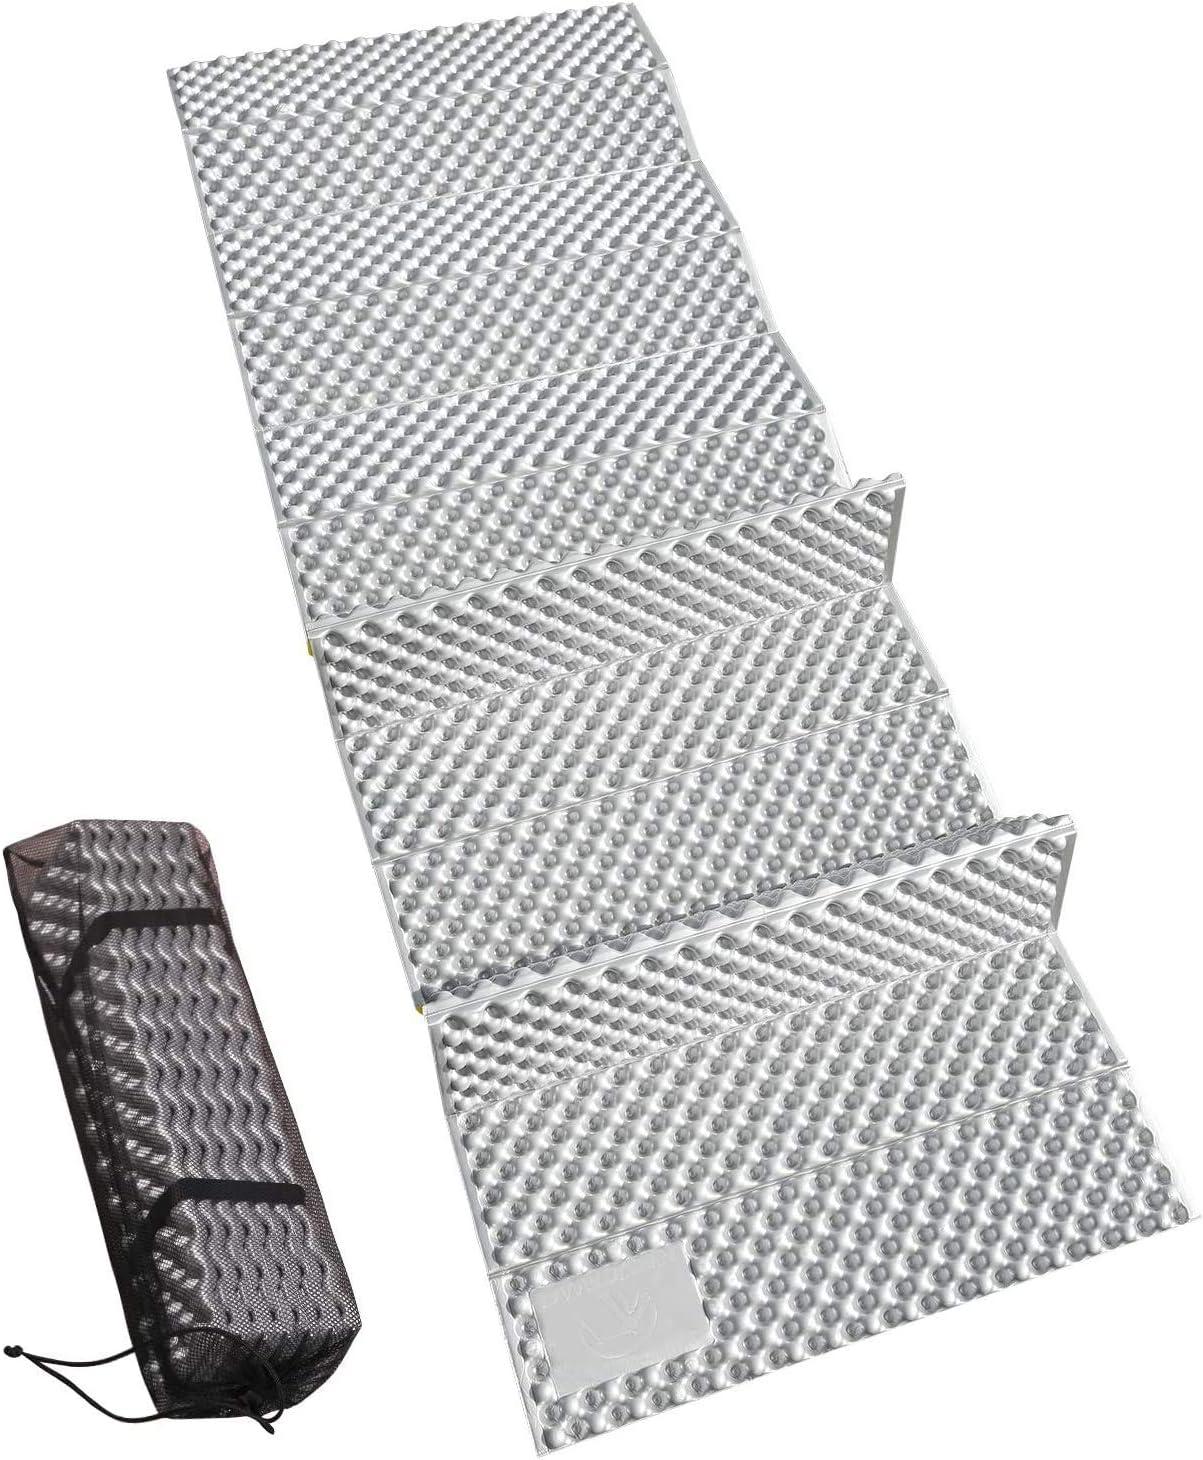 Foldable Air Mattress